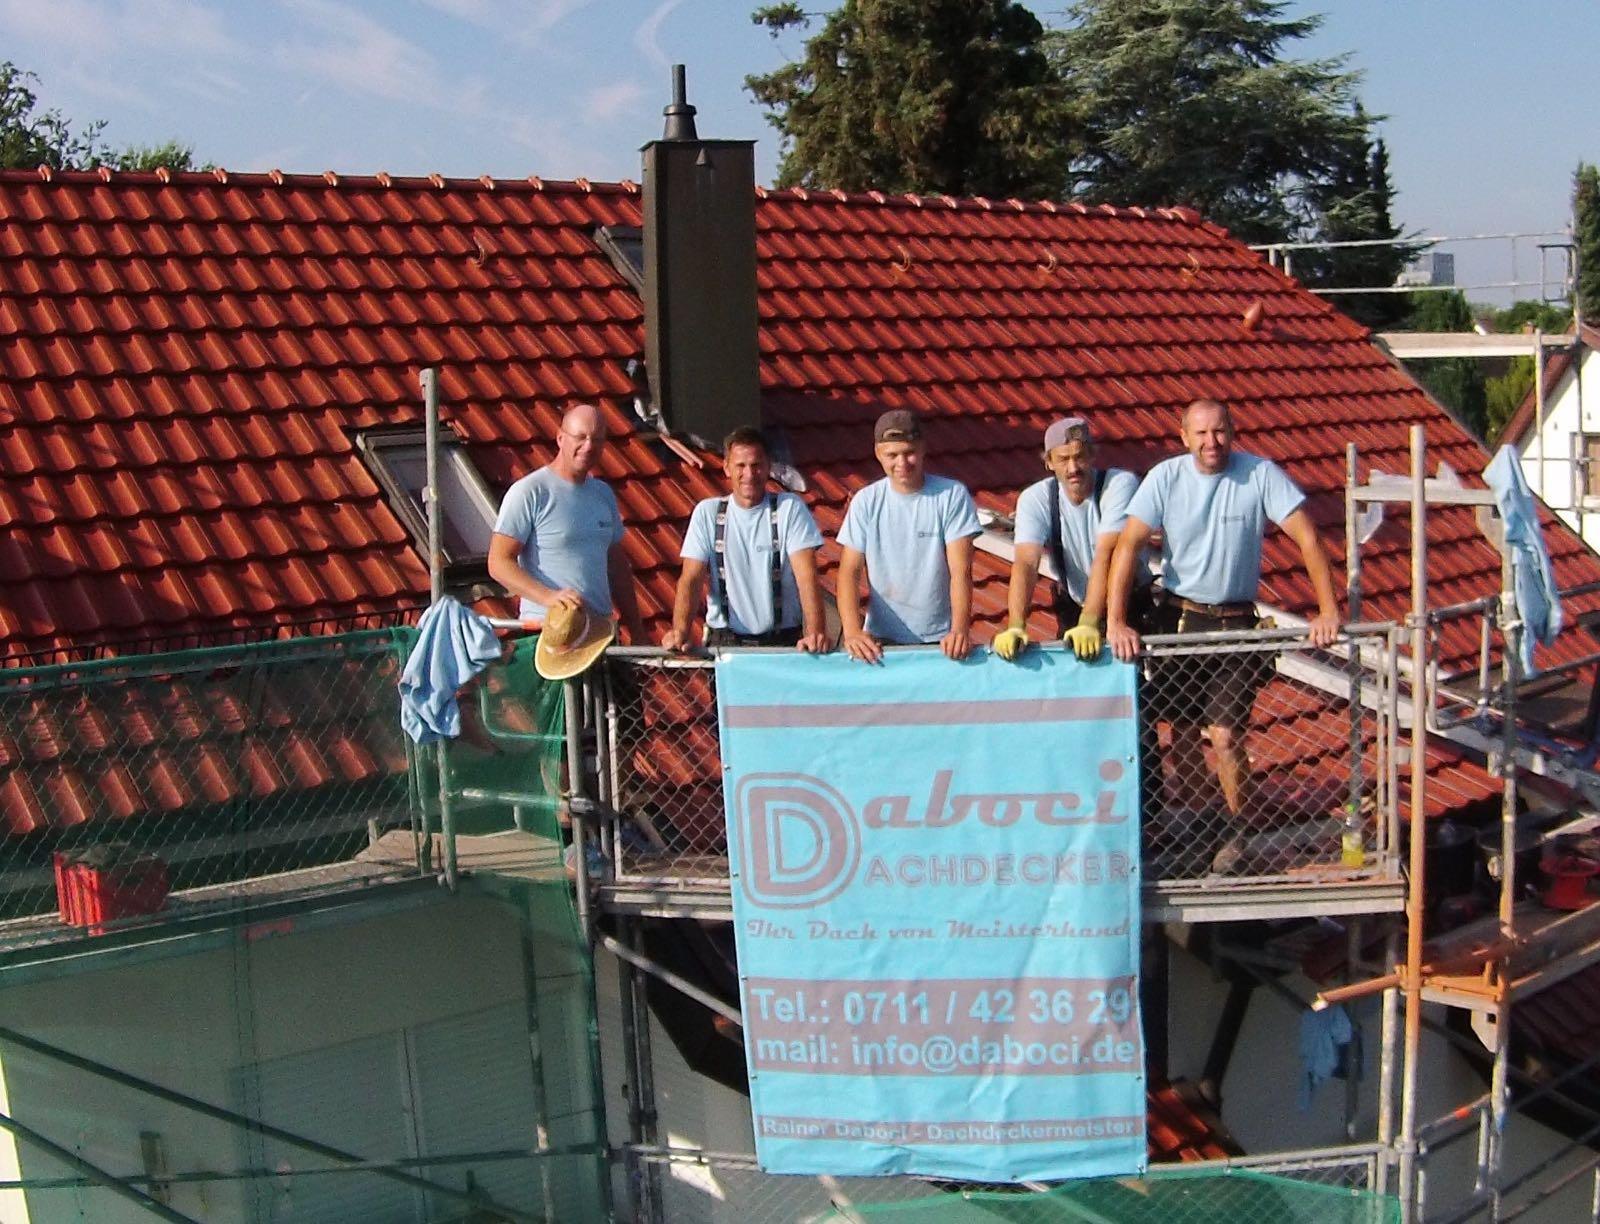 Mein Team mit fertig gedeckten Dach im Hintergrund